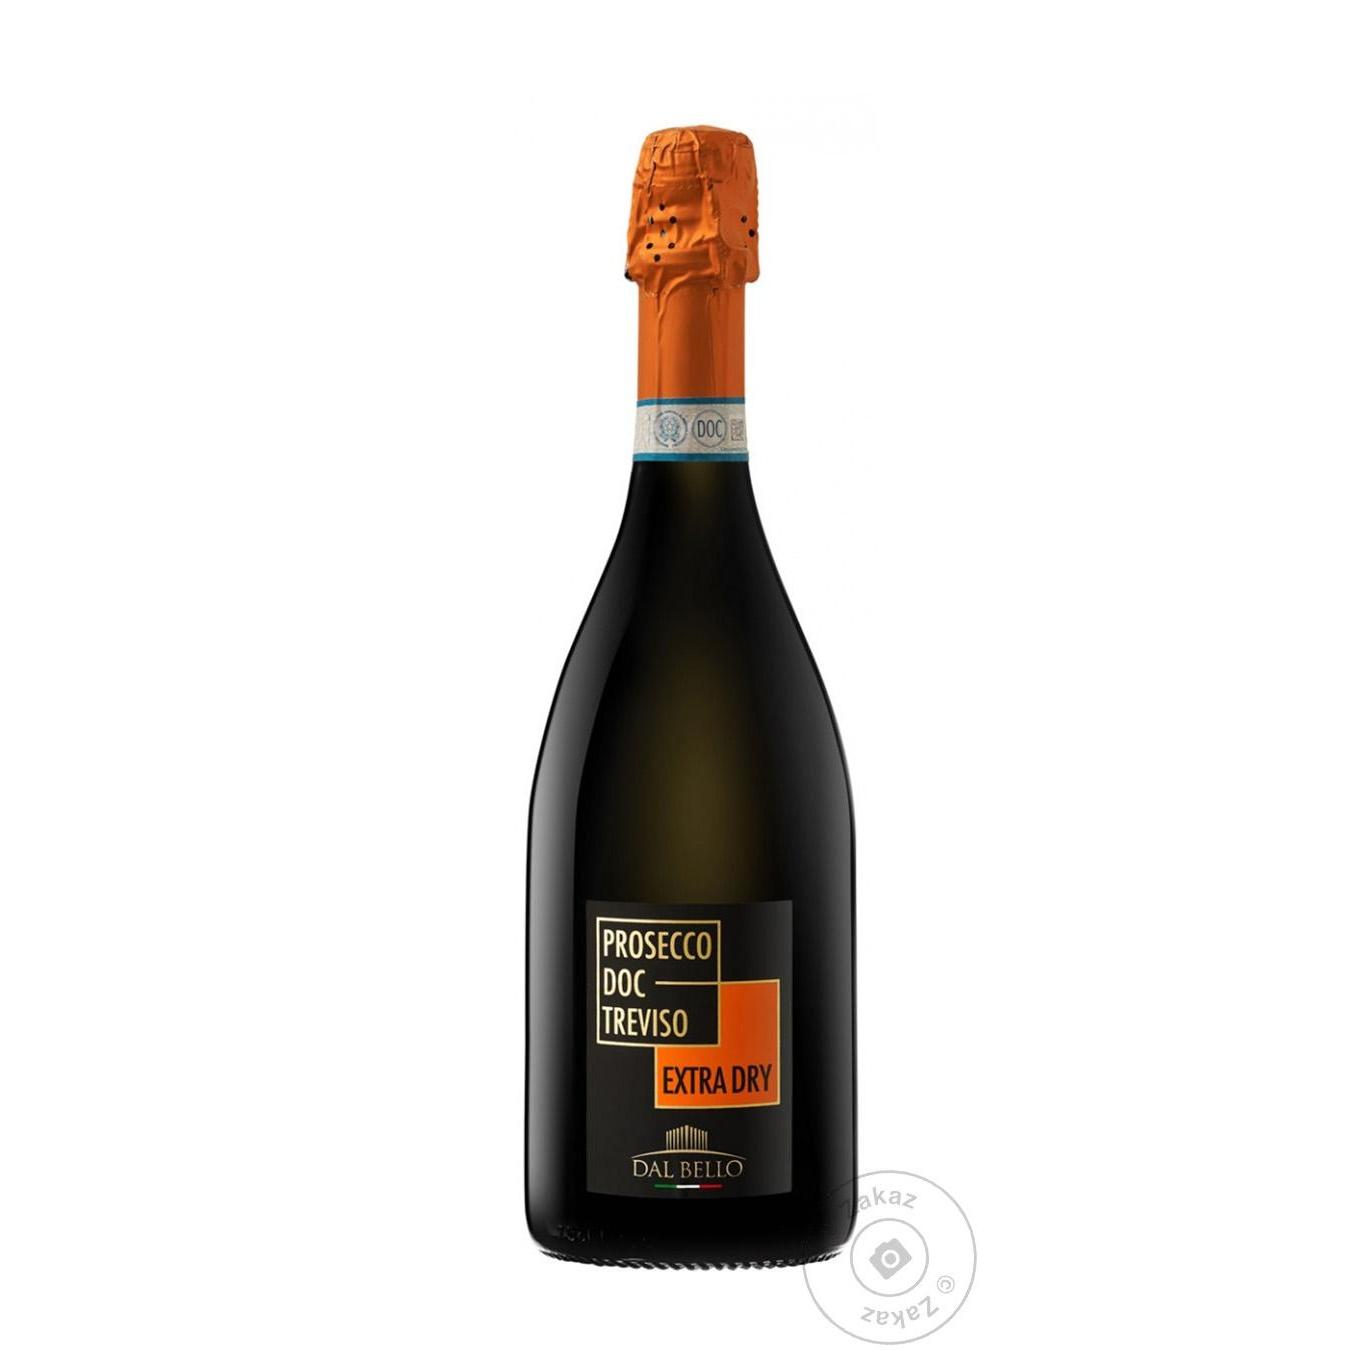 Купить 499676, Вино игристое Dal Bello Prosecco Doc Trevisso Extra Dry белое сухое 11% 0, 75л